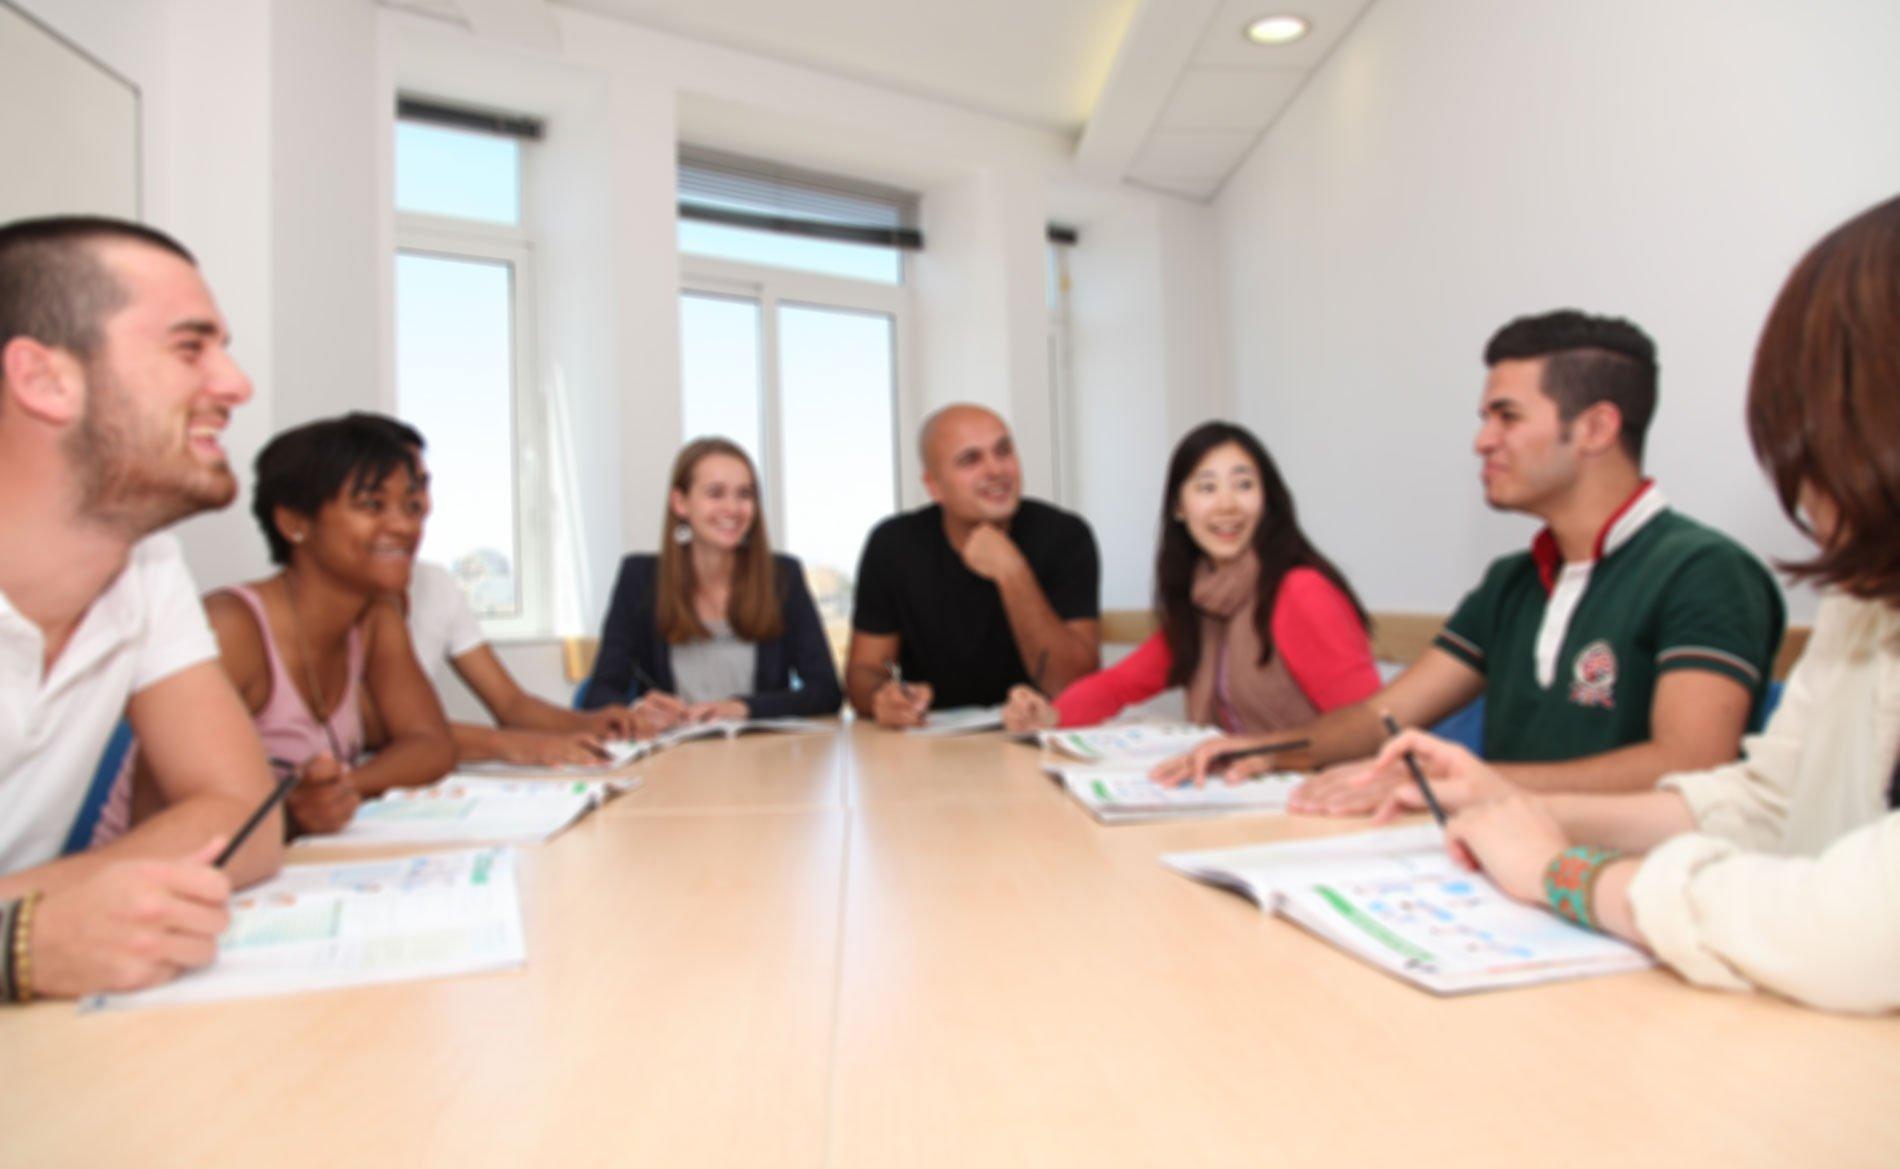 Un corso di inglese a Malta: offerte 2020